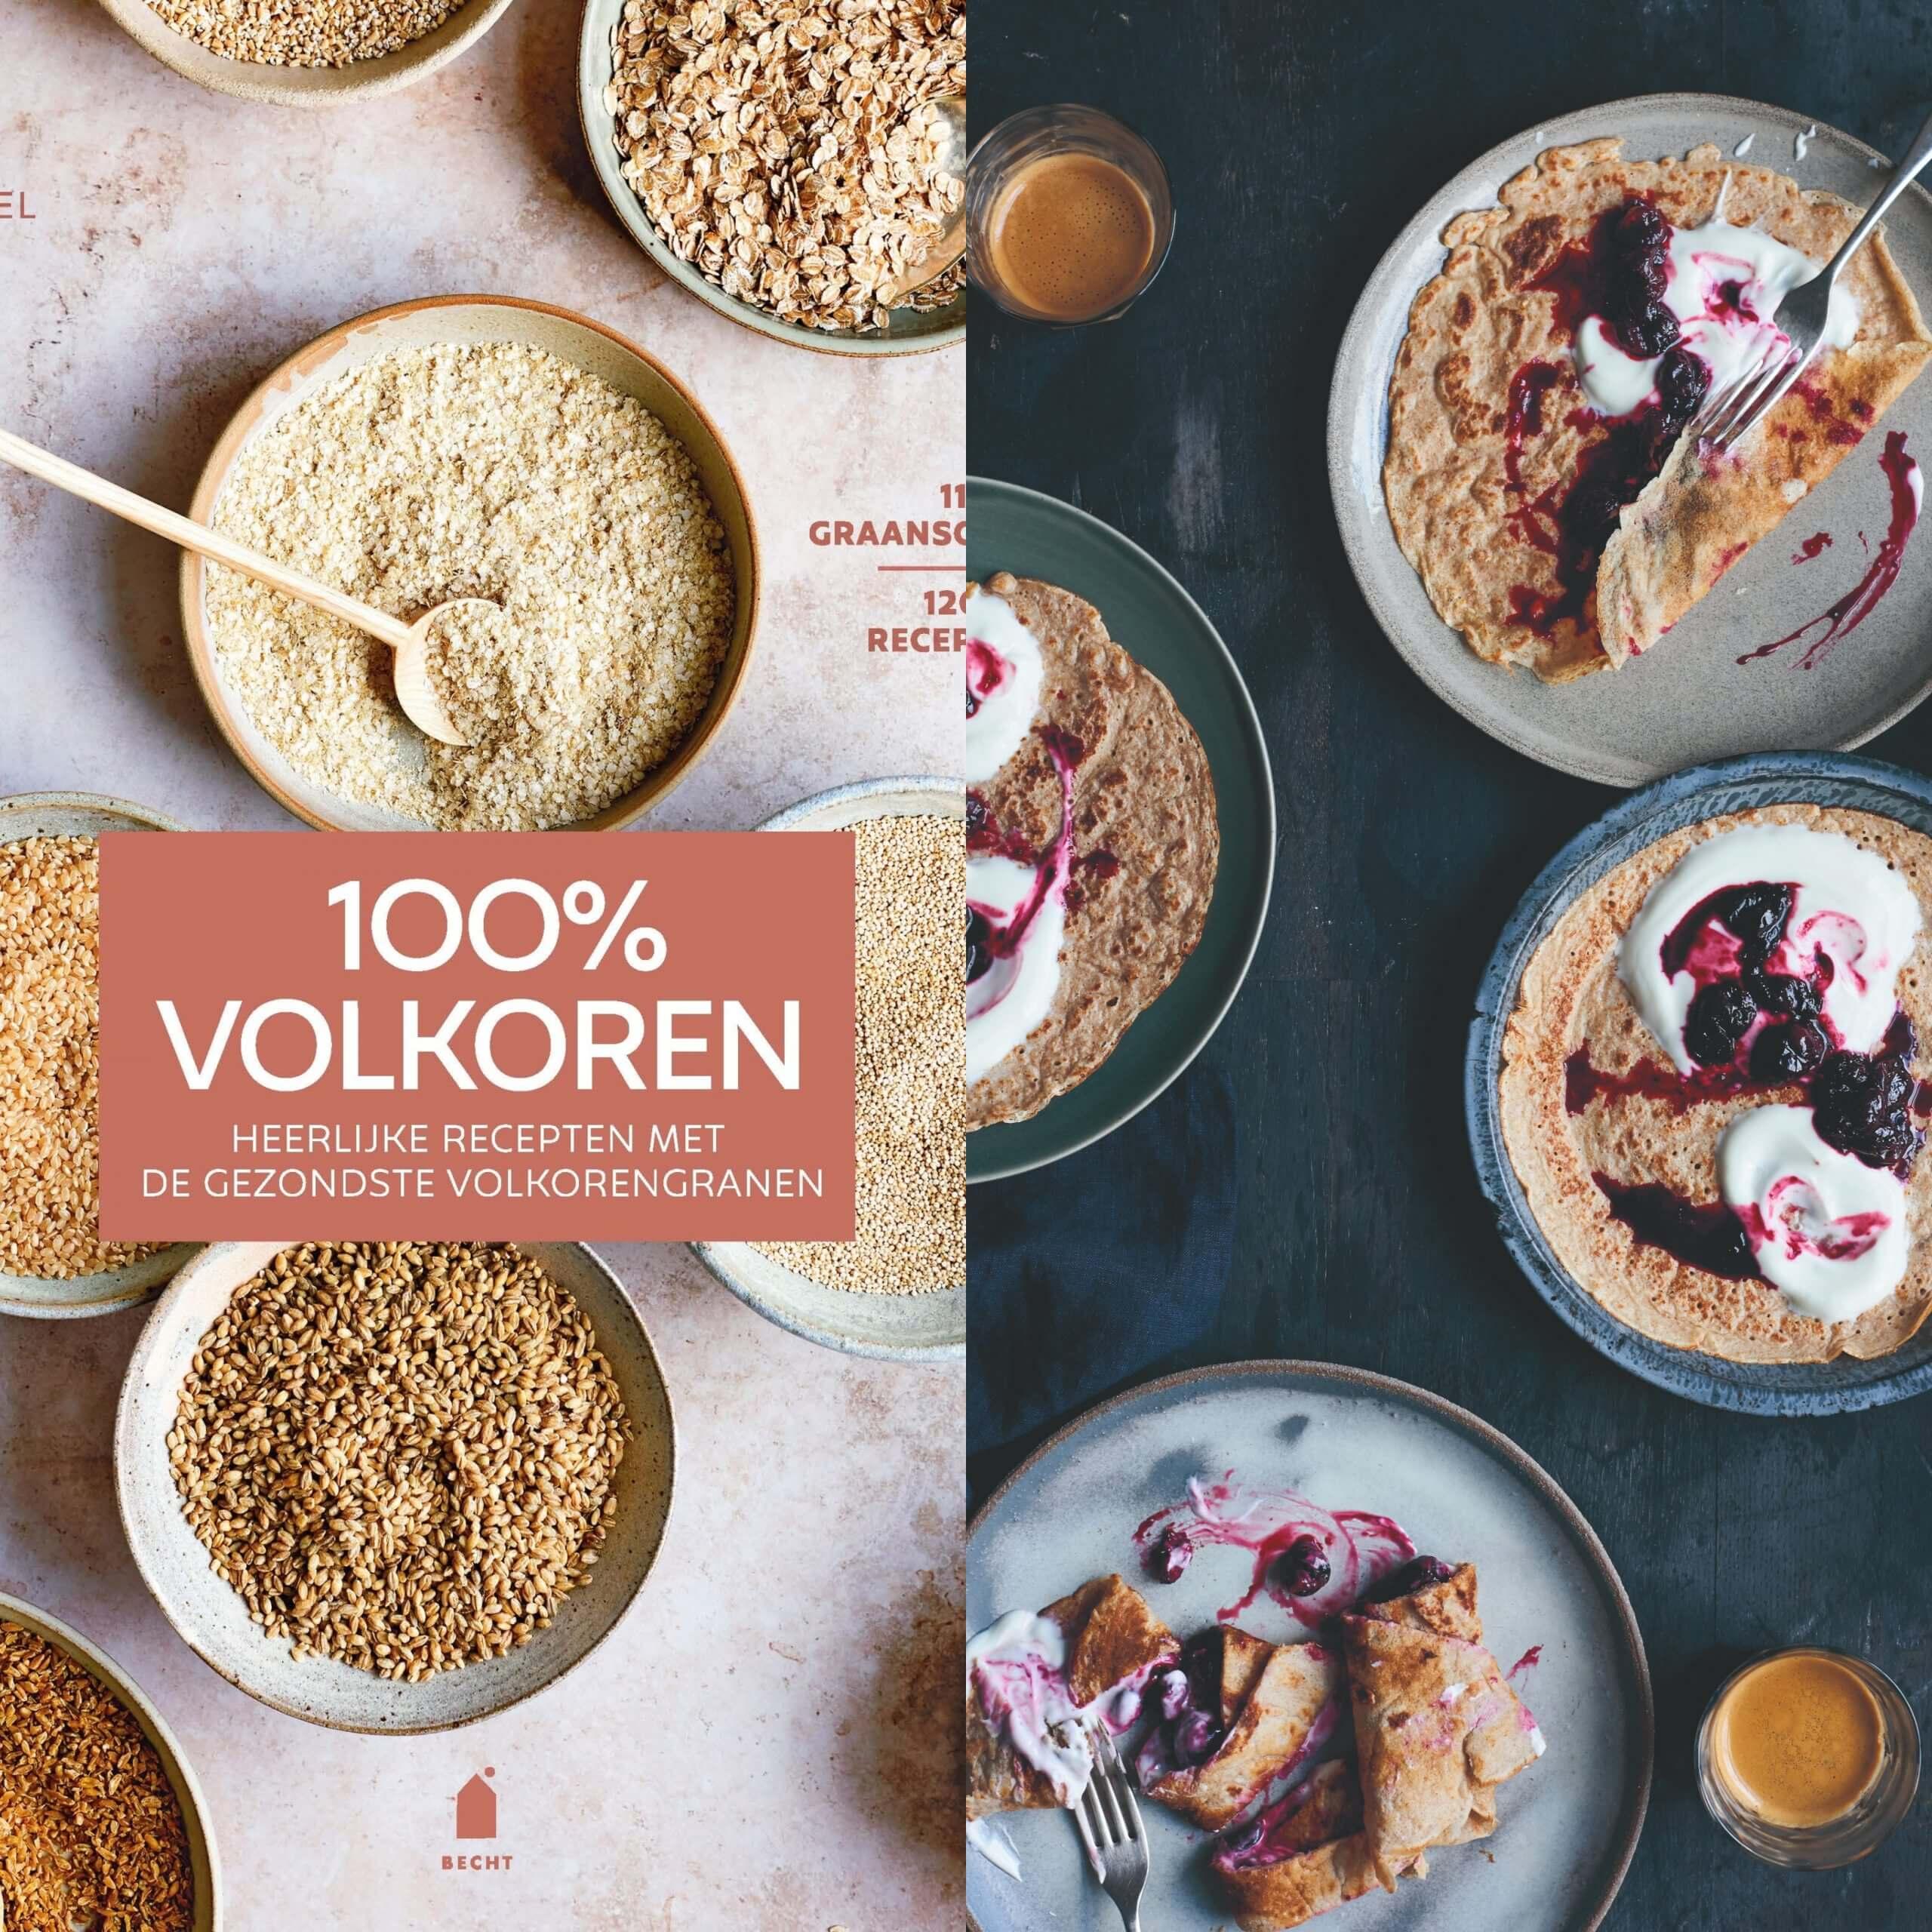 Kookboek review: 100% volkoren